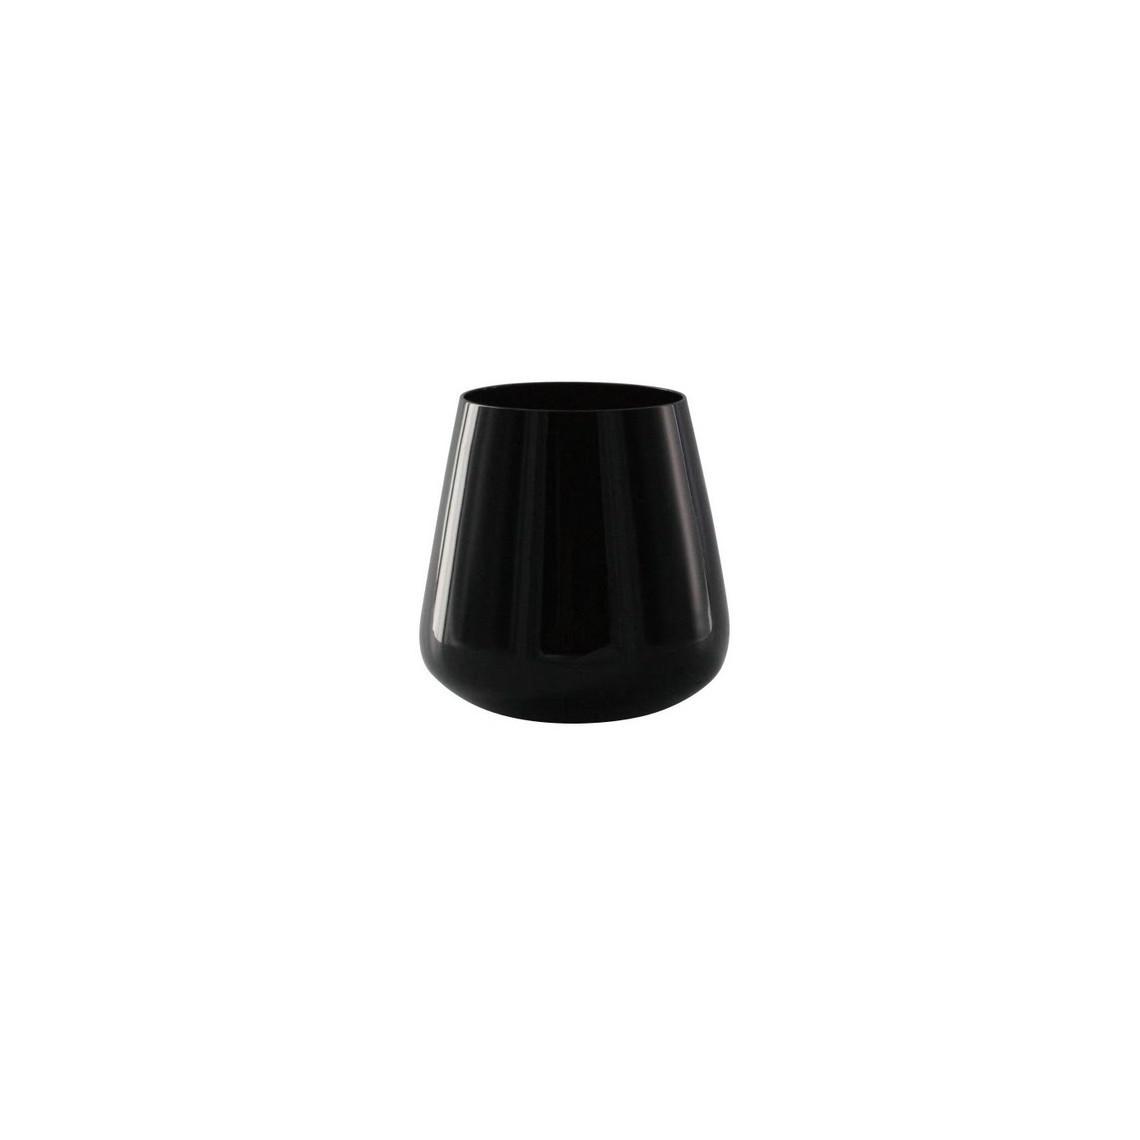 Gobelet Stendhal noir (28 cl)